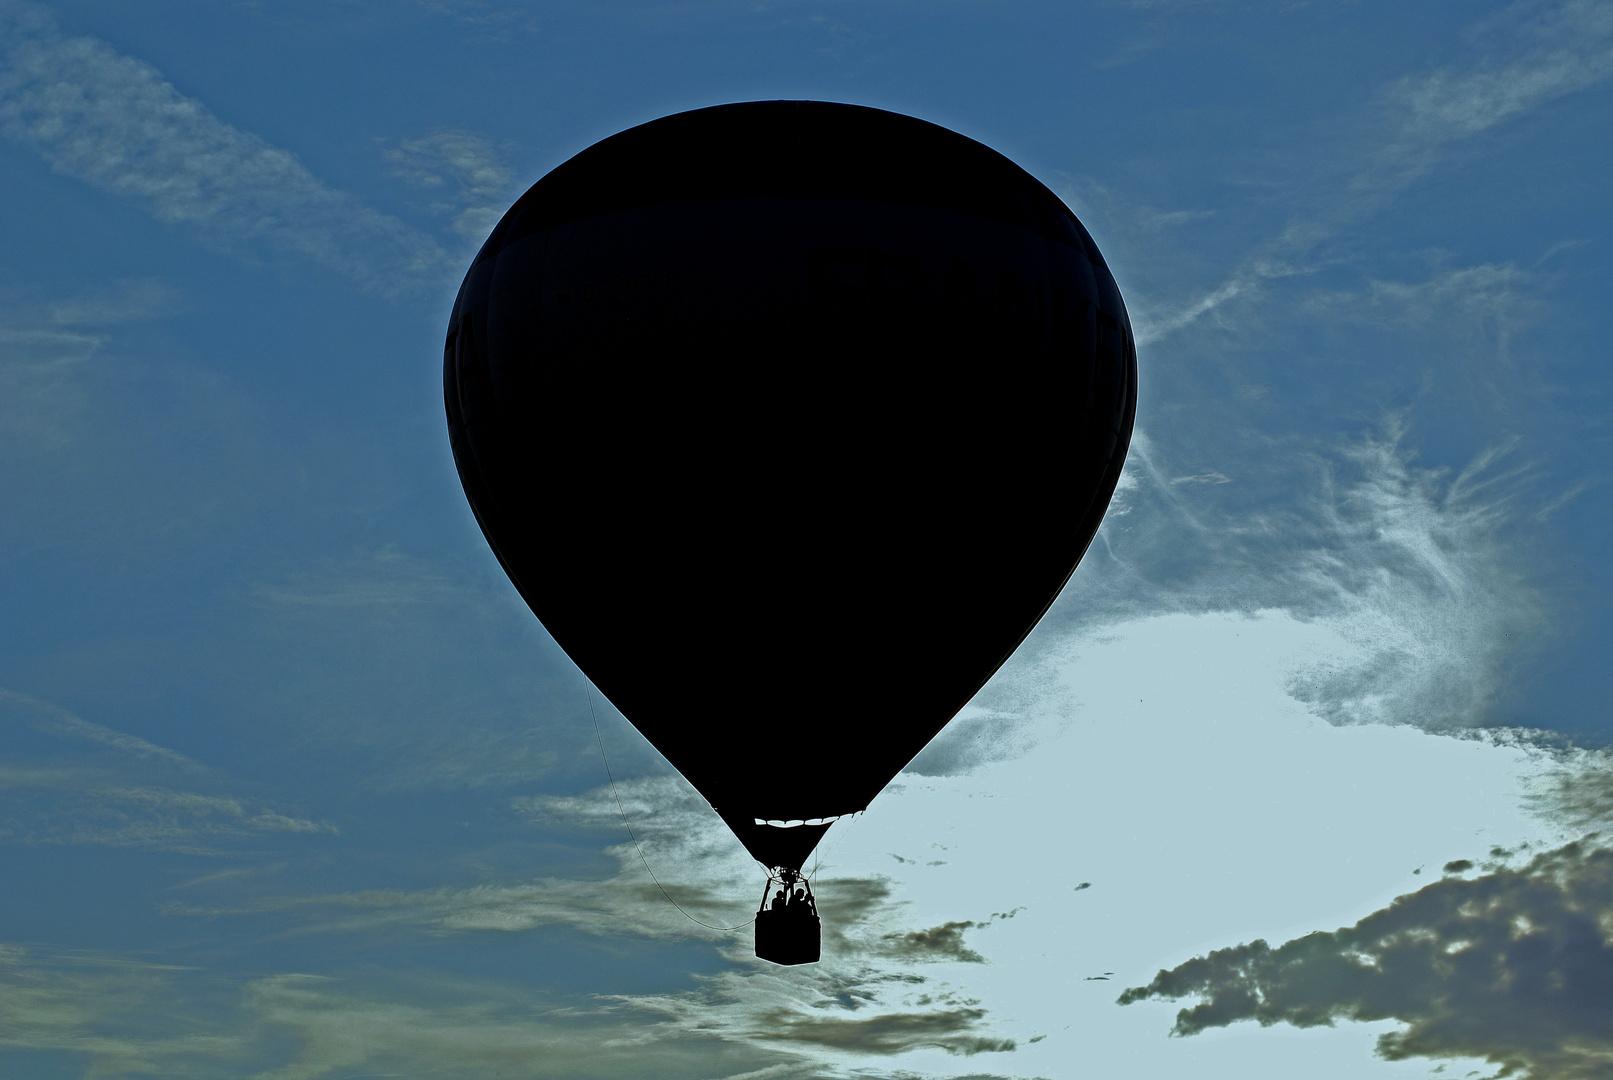 Ballonfahrerromantik